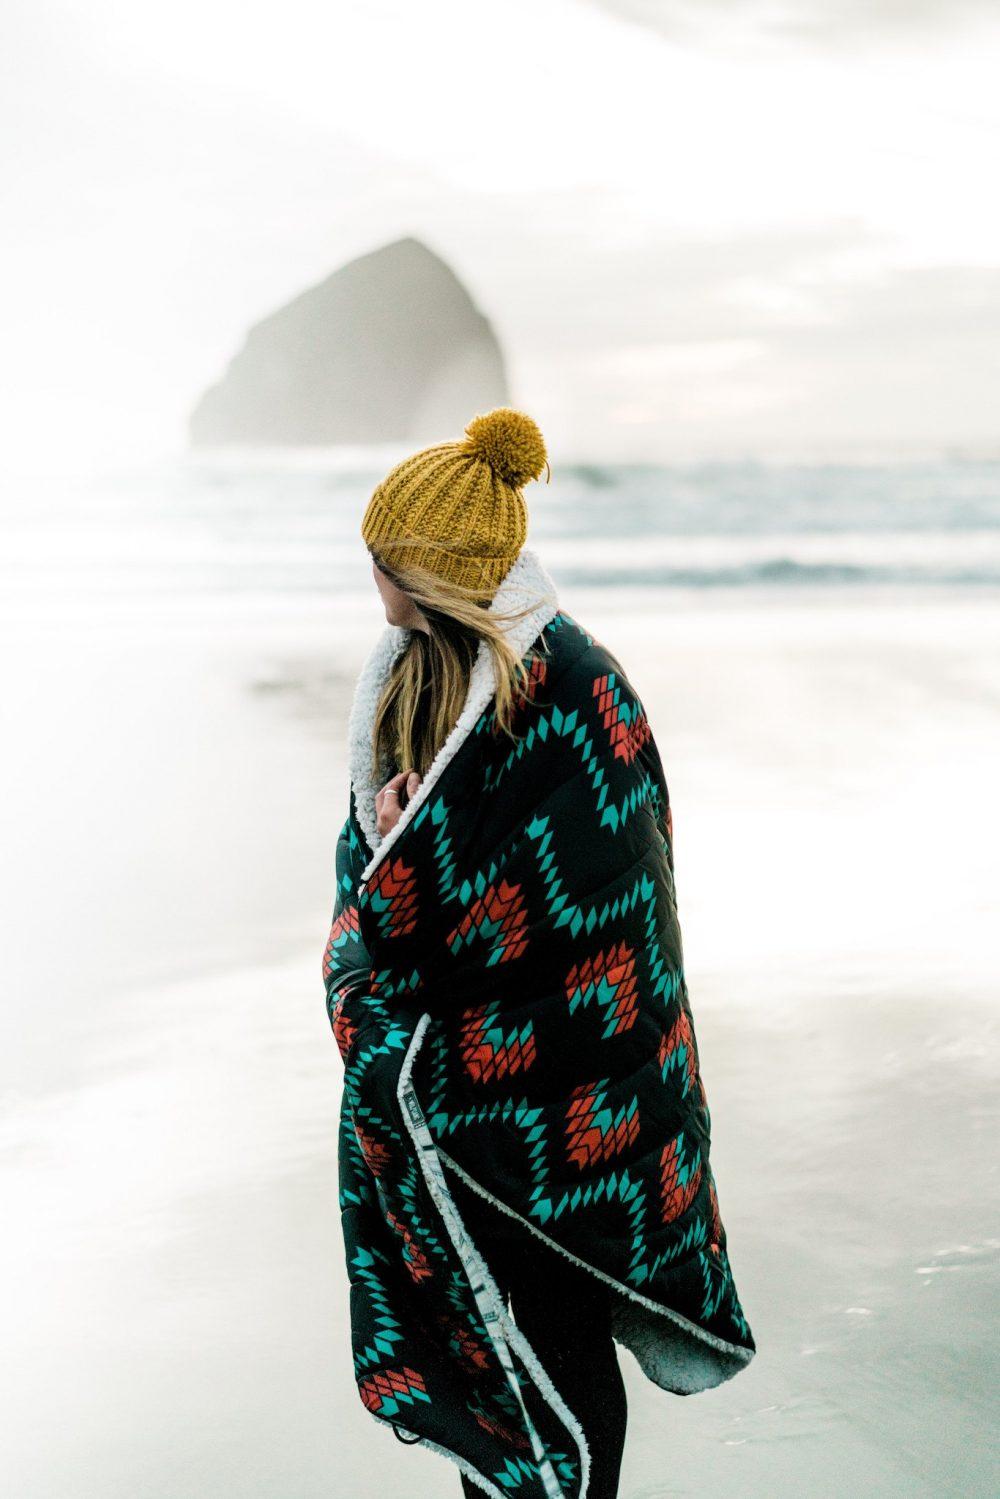 Puffy Sherpa Pathfinder @travywild Pacific CIty